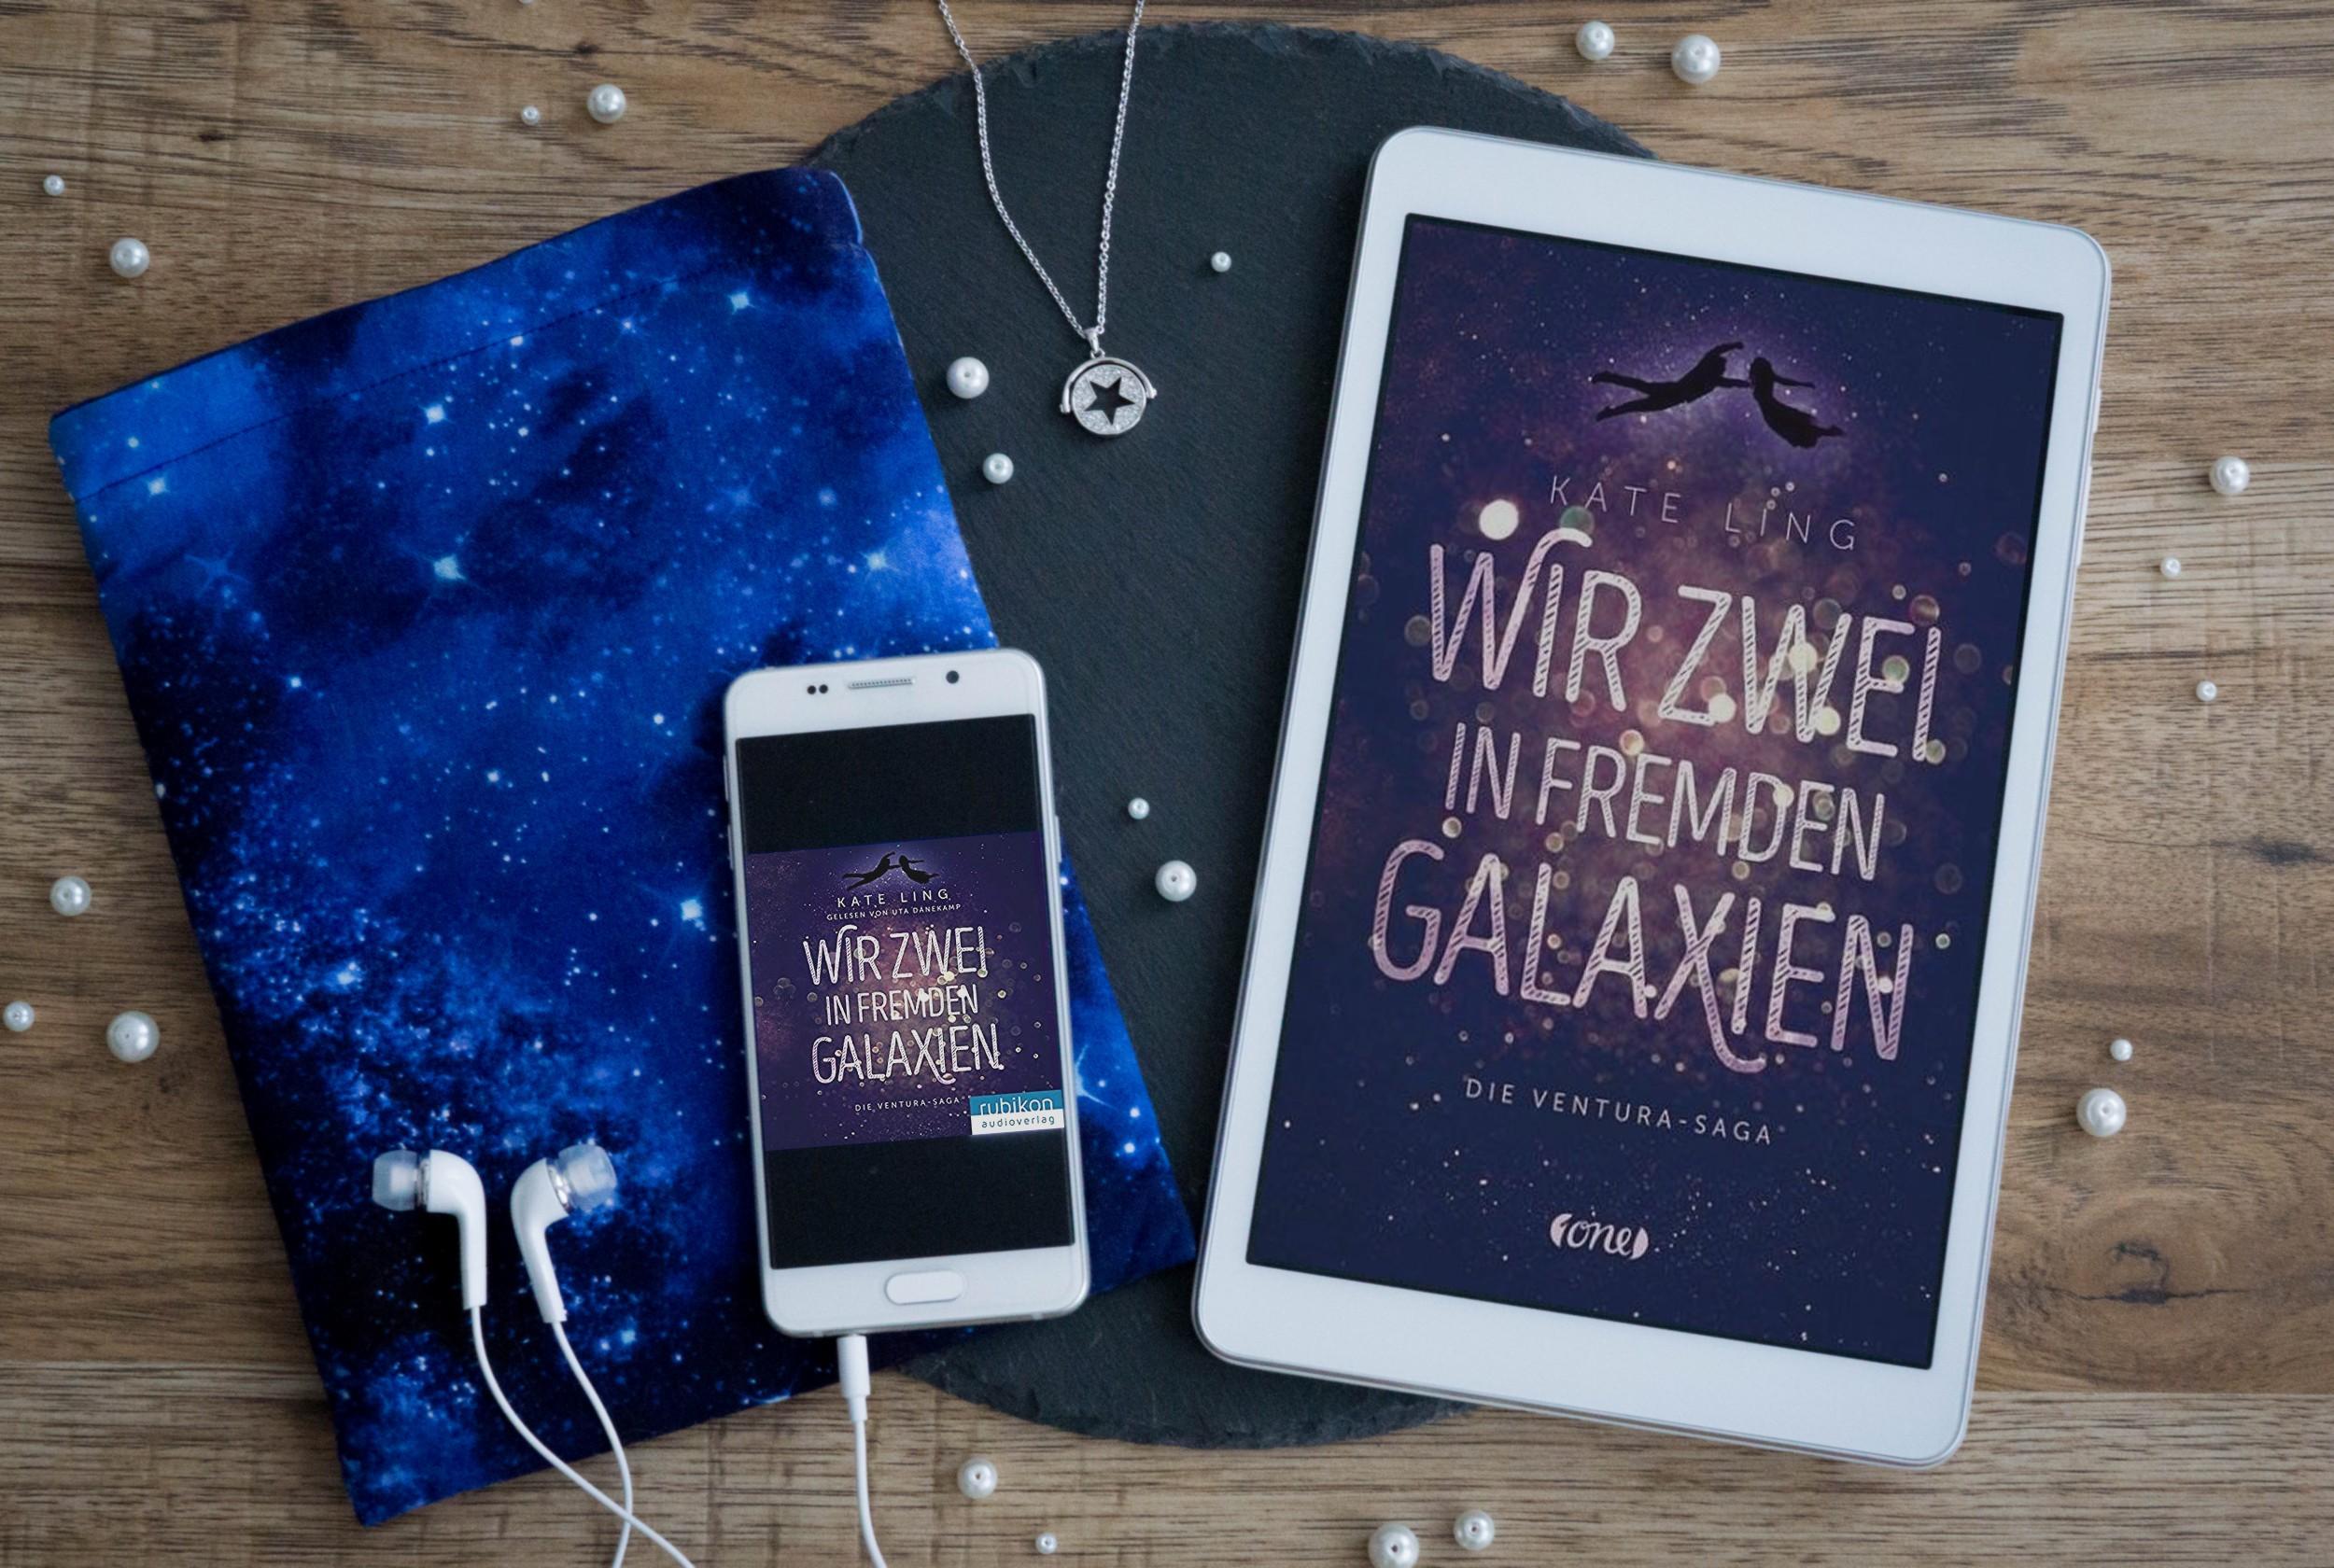 Wir zwei in fremden Galaxien: Die Ventura-Saga 1 – Kate Ling graphic